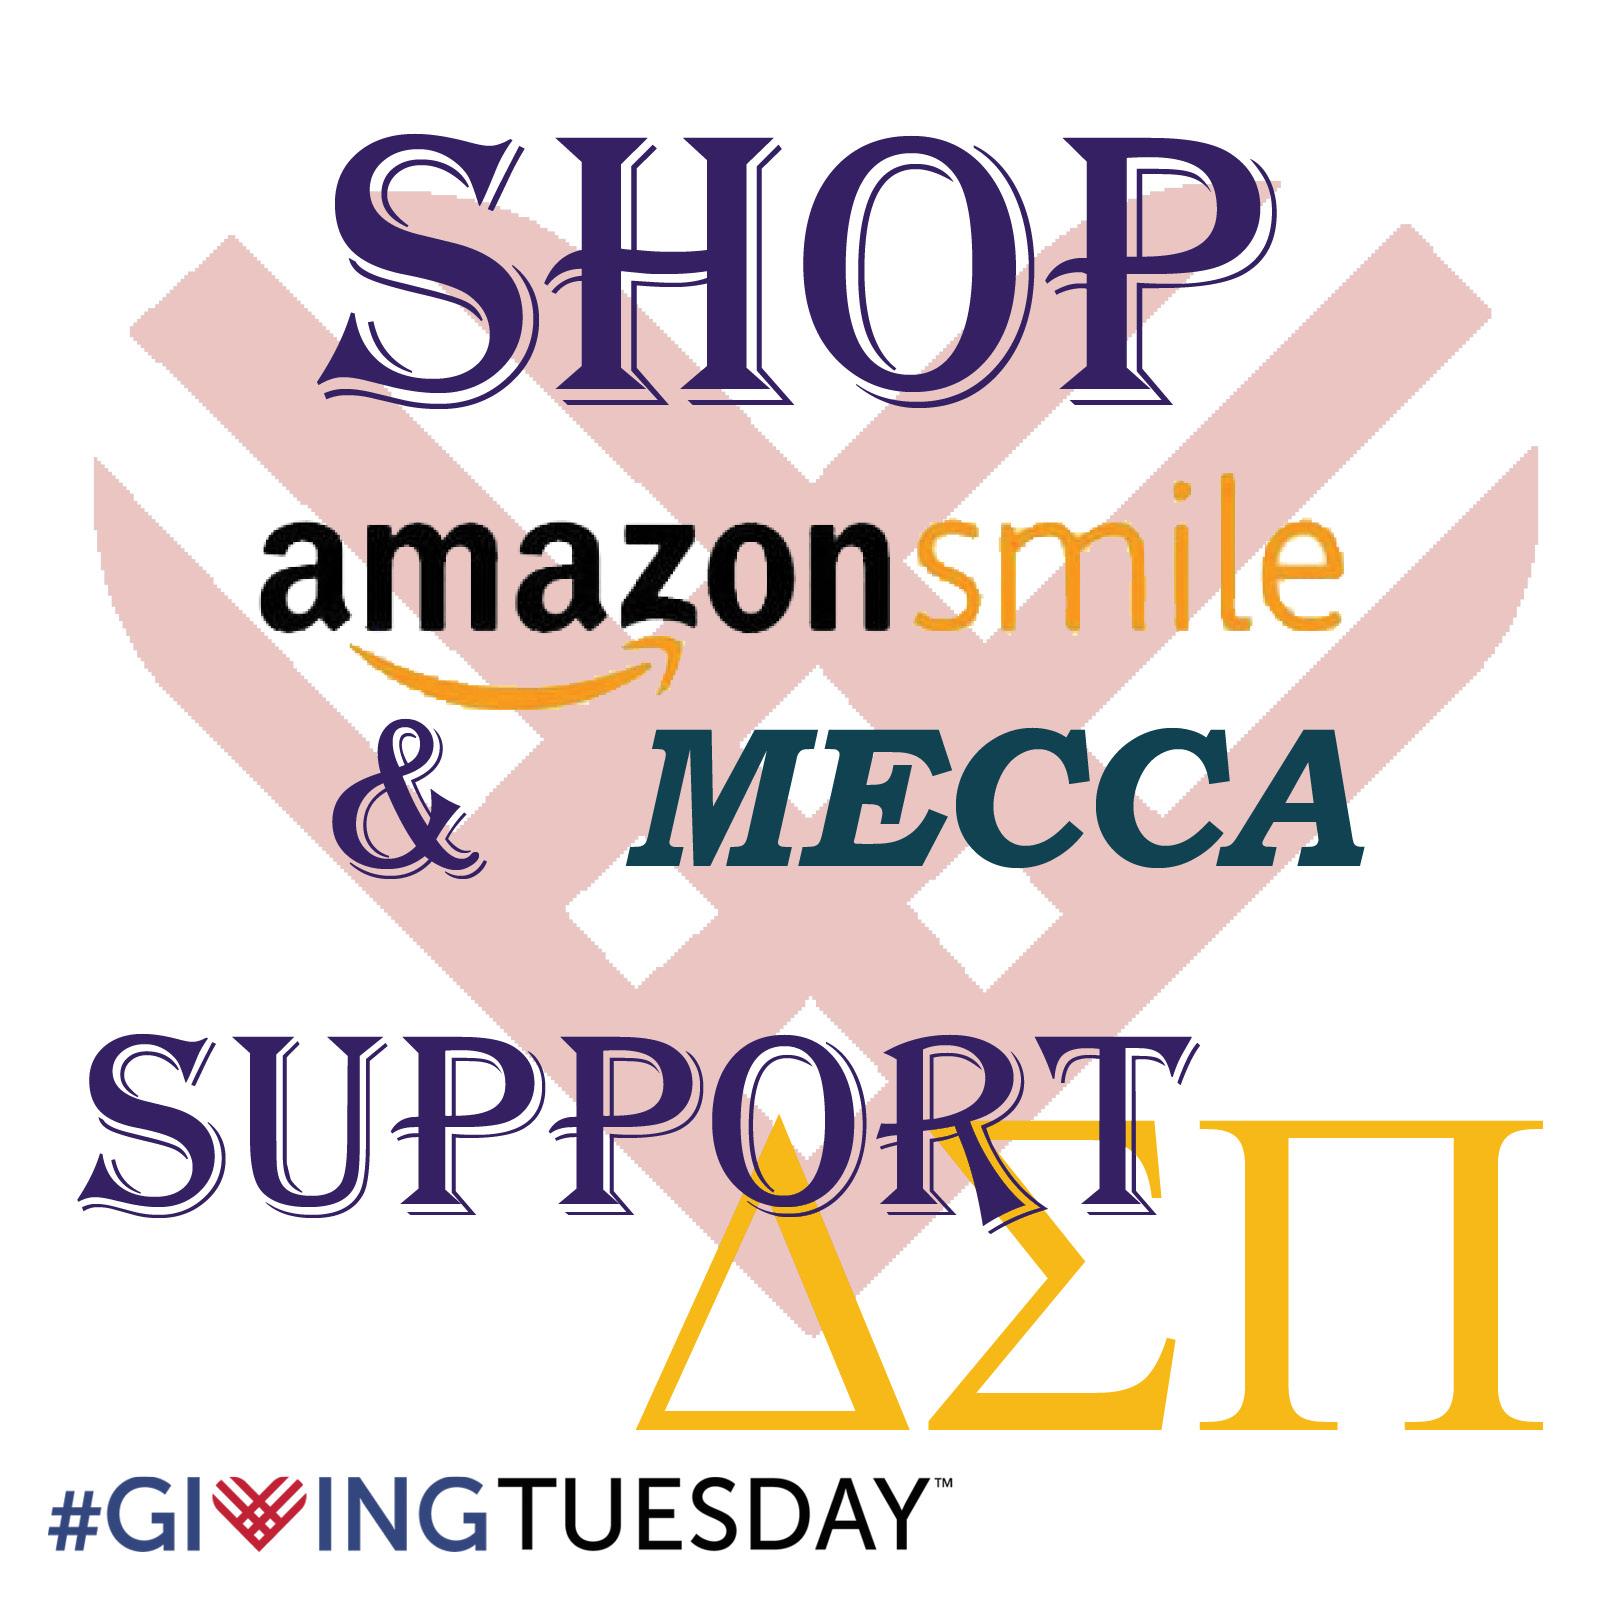 Shop AmazonSmile Mecca